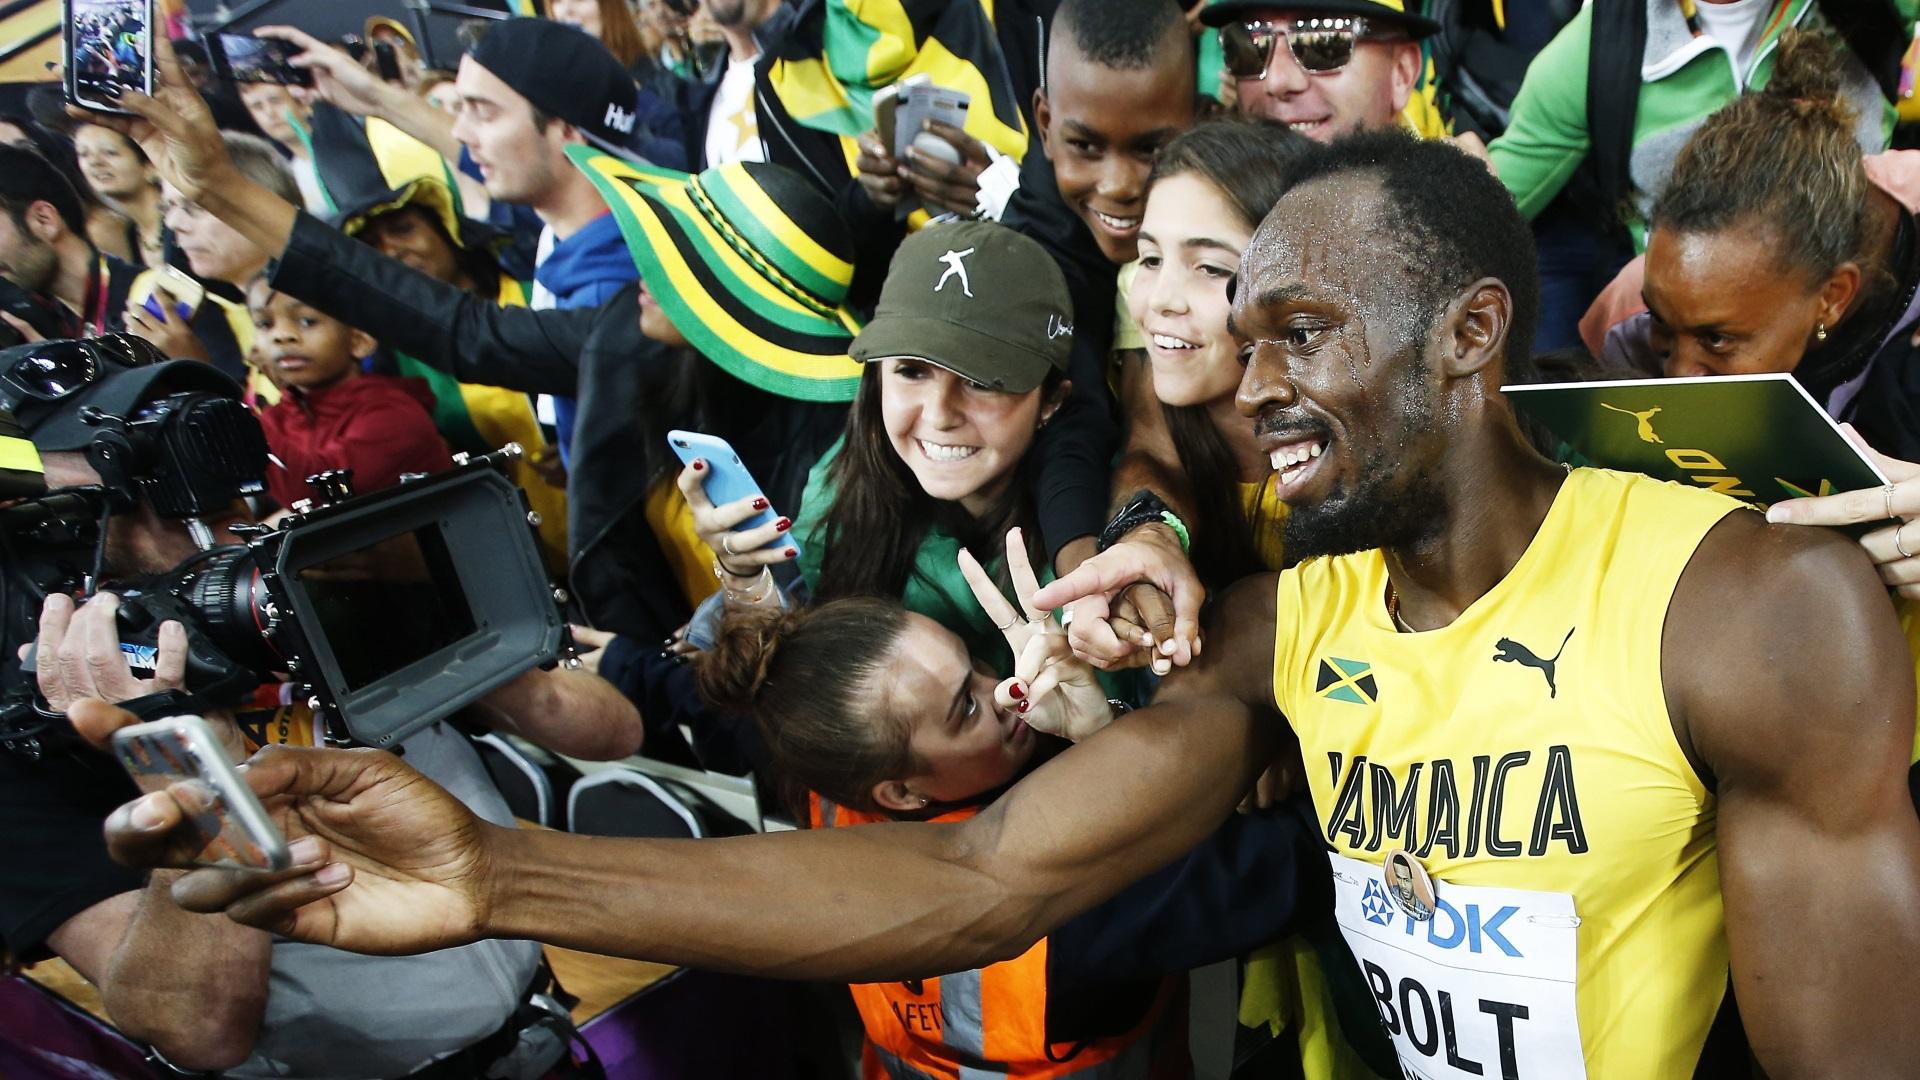 La selfie de Bolt con sus fanáticos